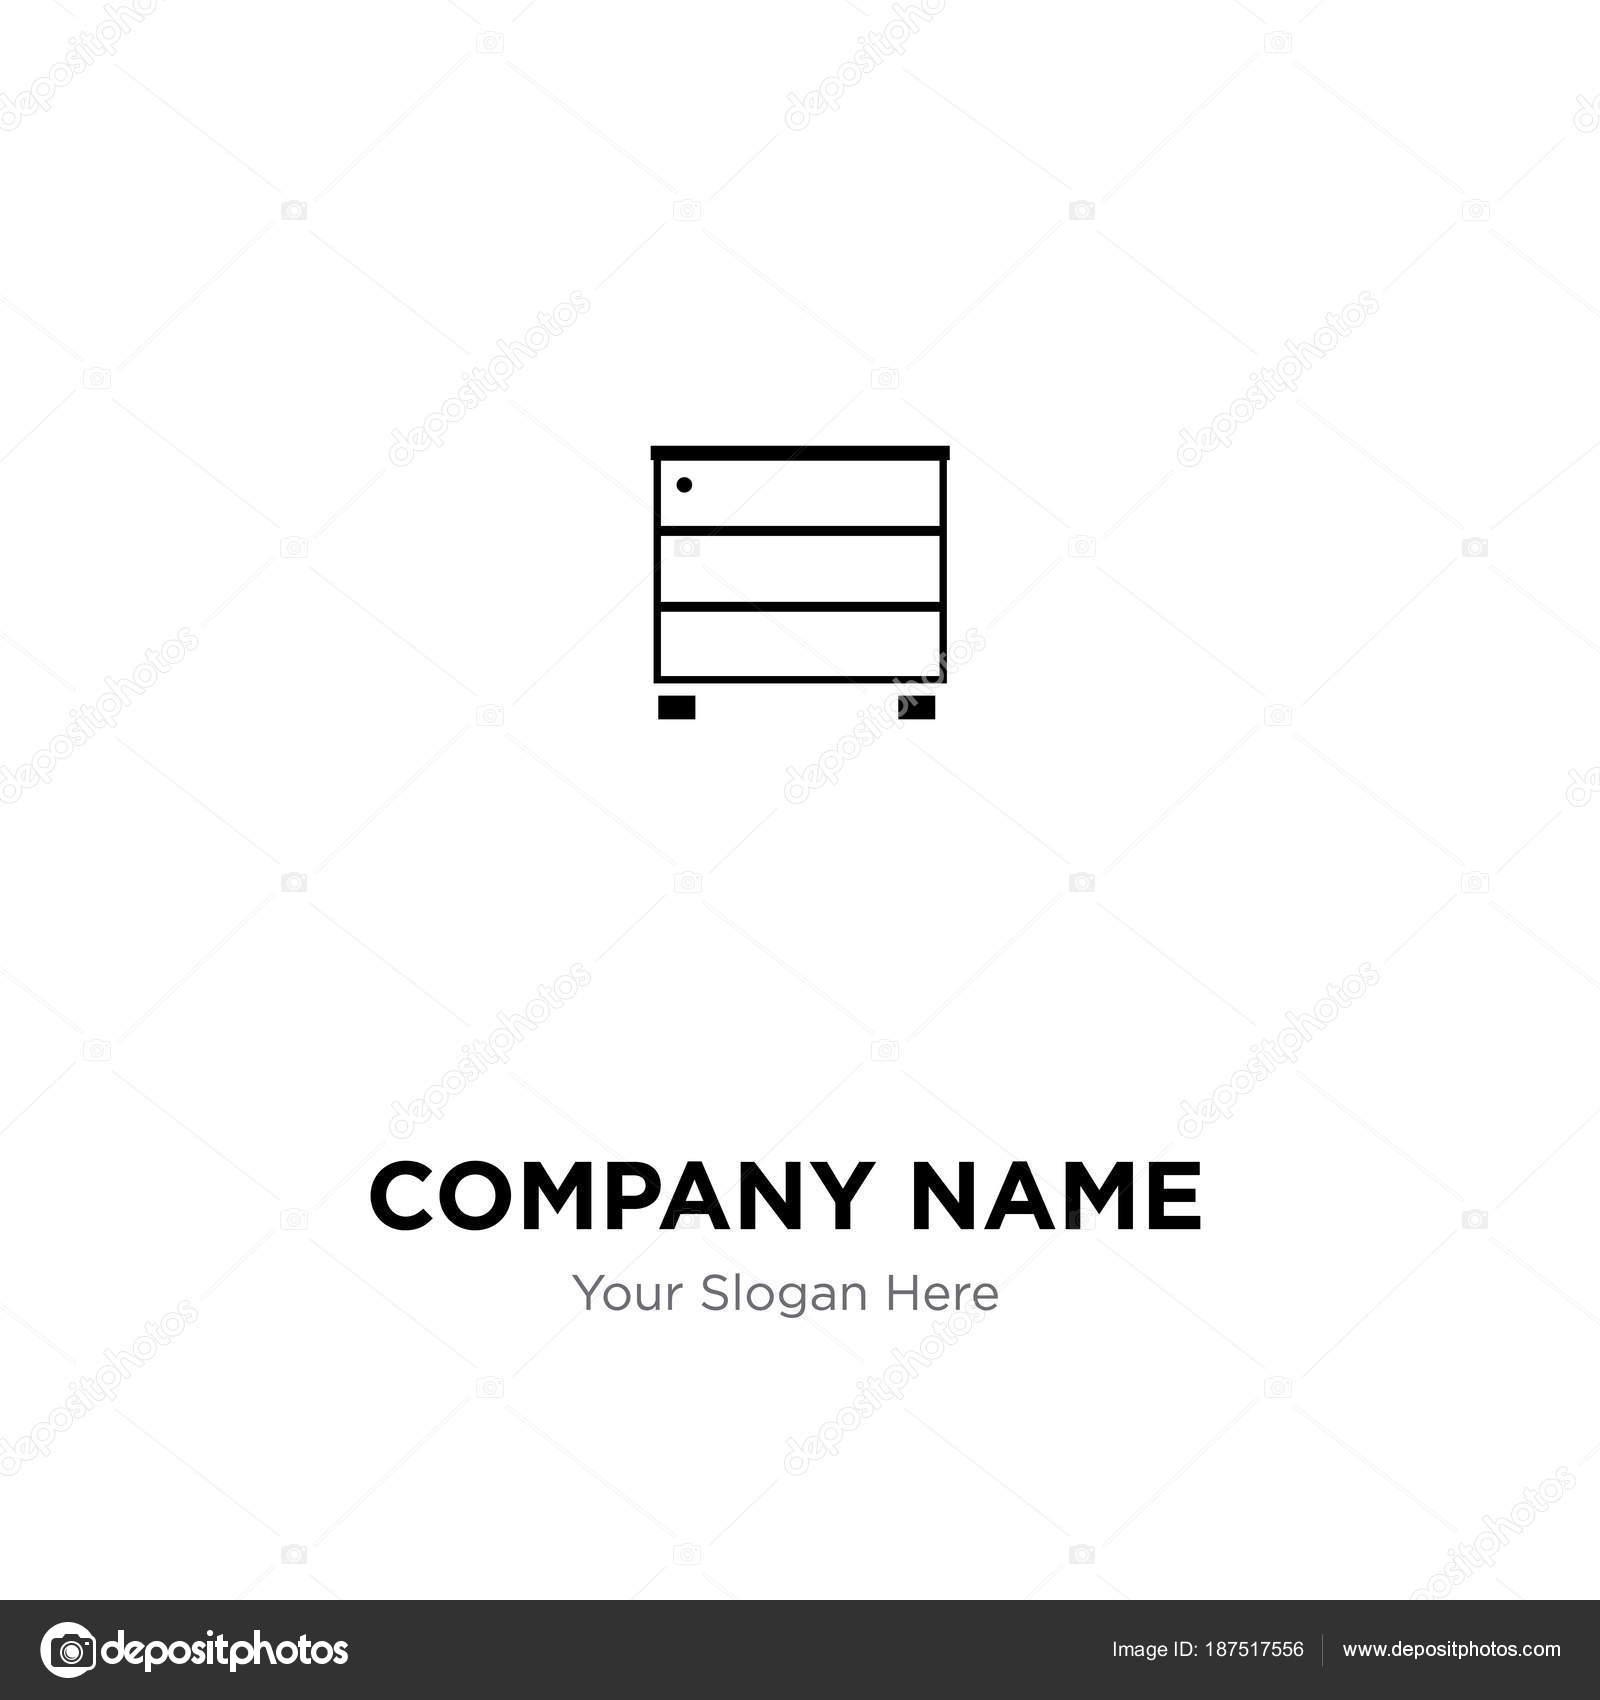 Mobilya Dolap Sirket Logo Tasarim Sablonu Is Corpor Stok